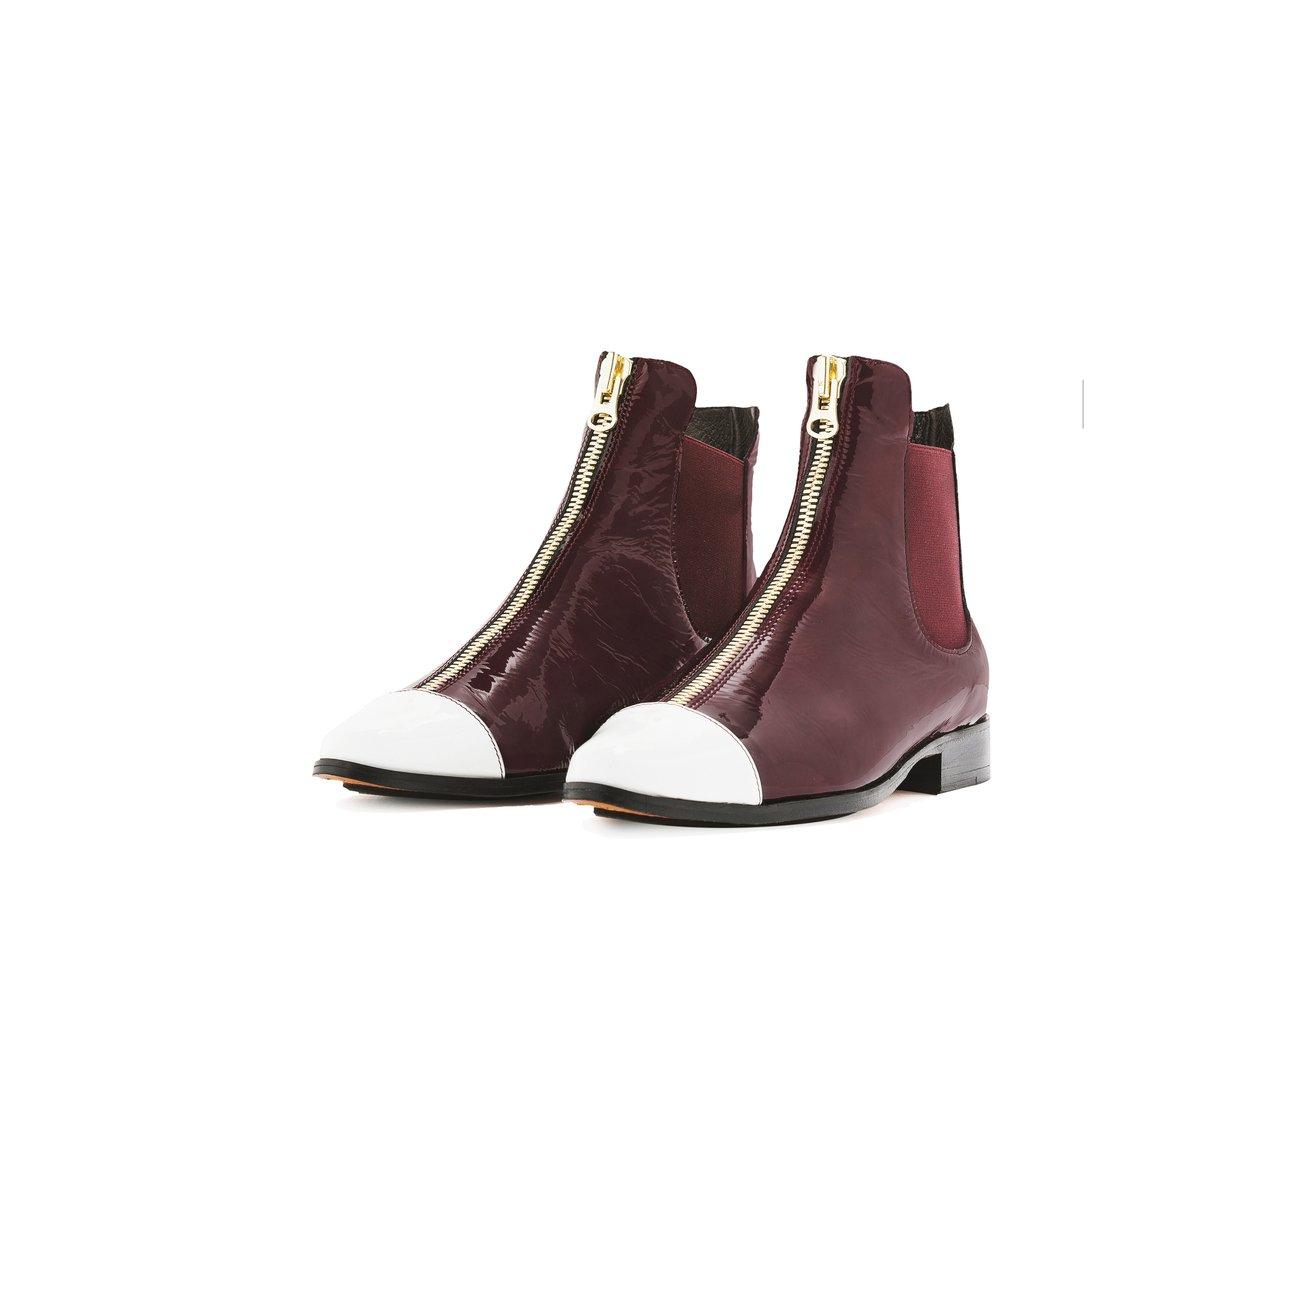 duchesse-boots-in-burgundy-leather-heimstone.jpg